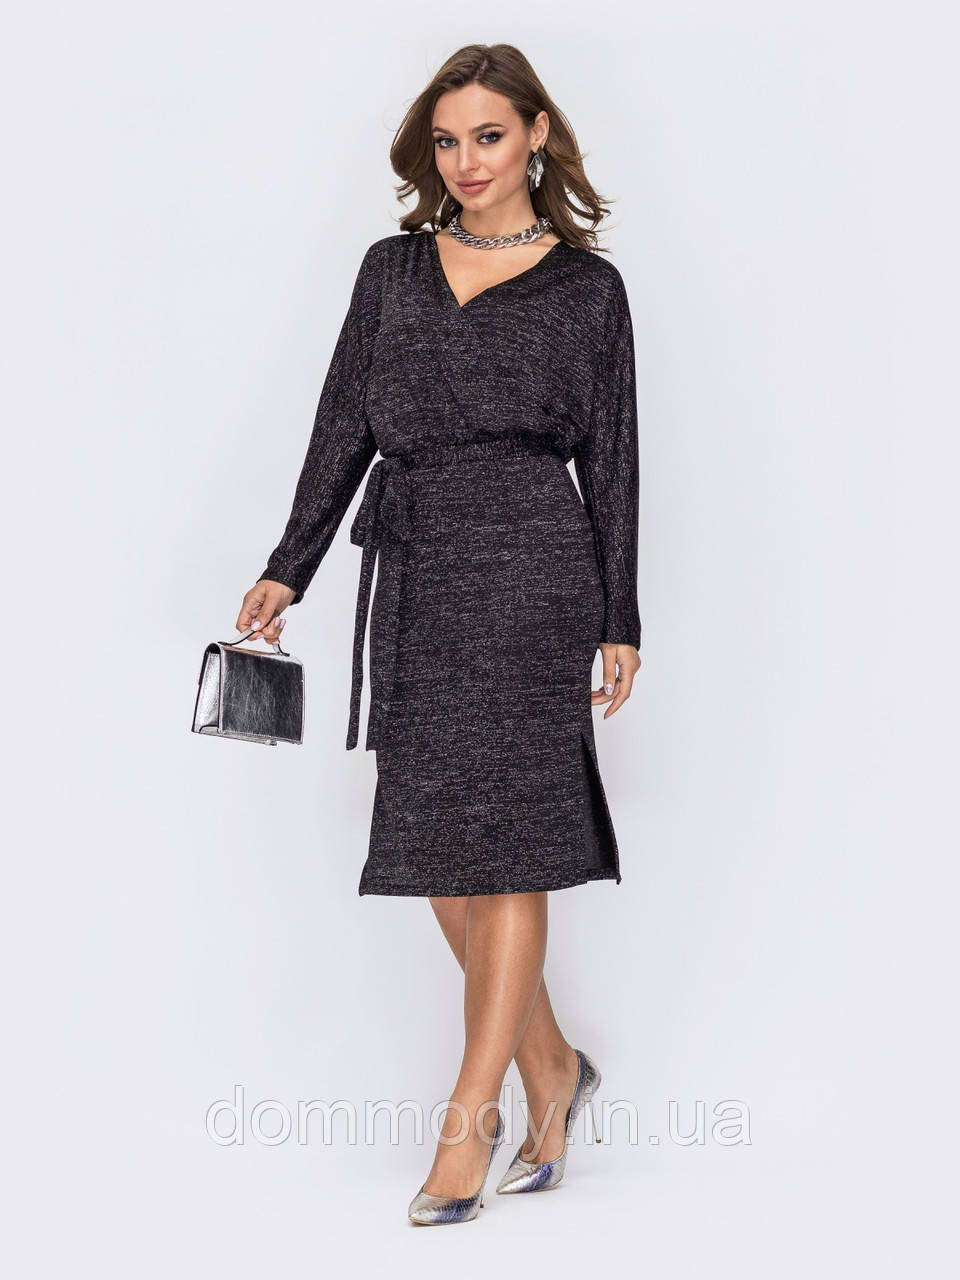 Платье женское Hannah graphite